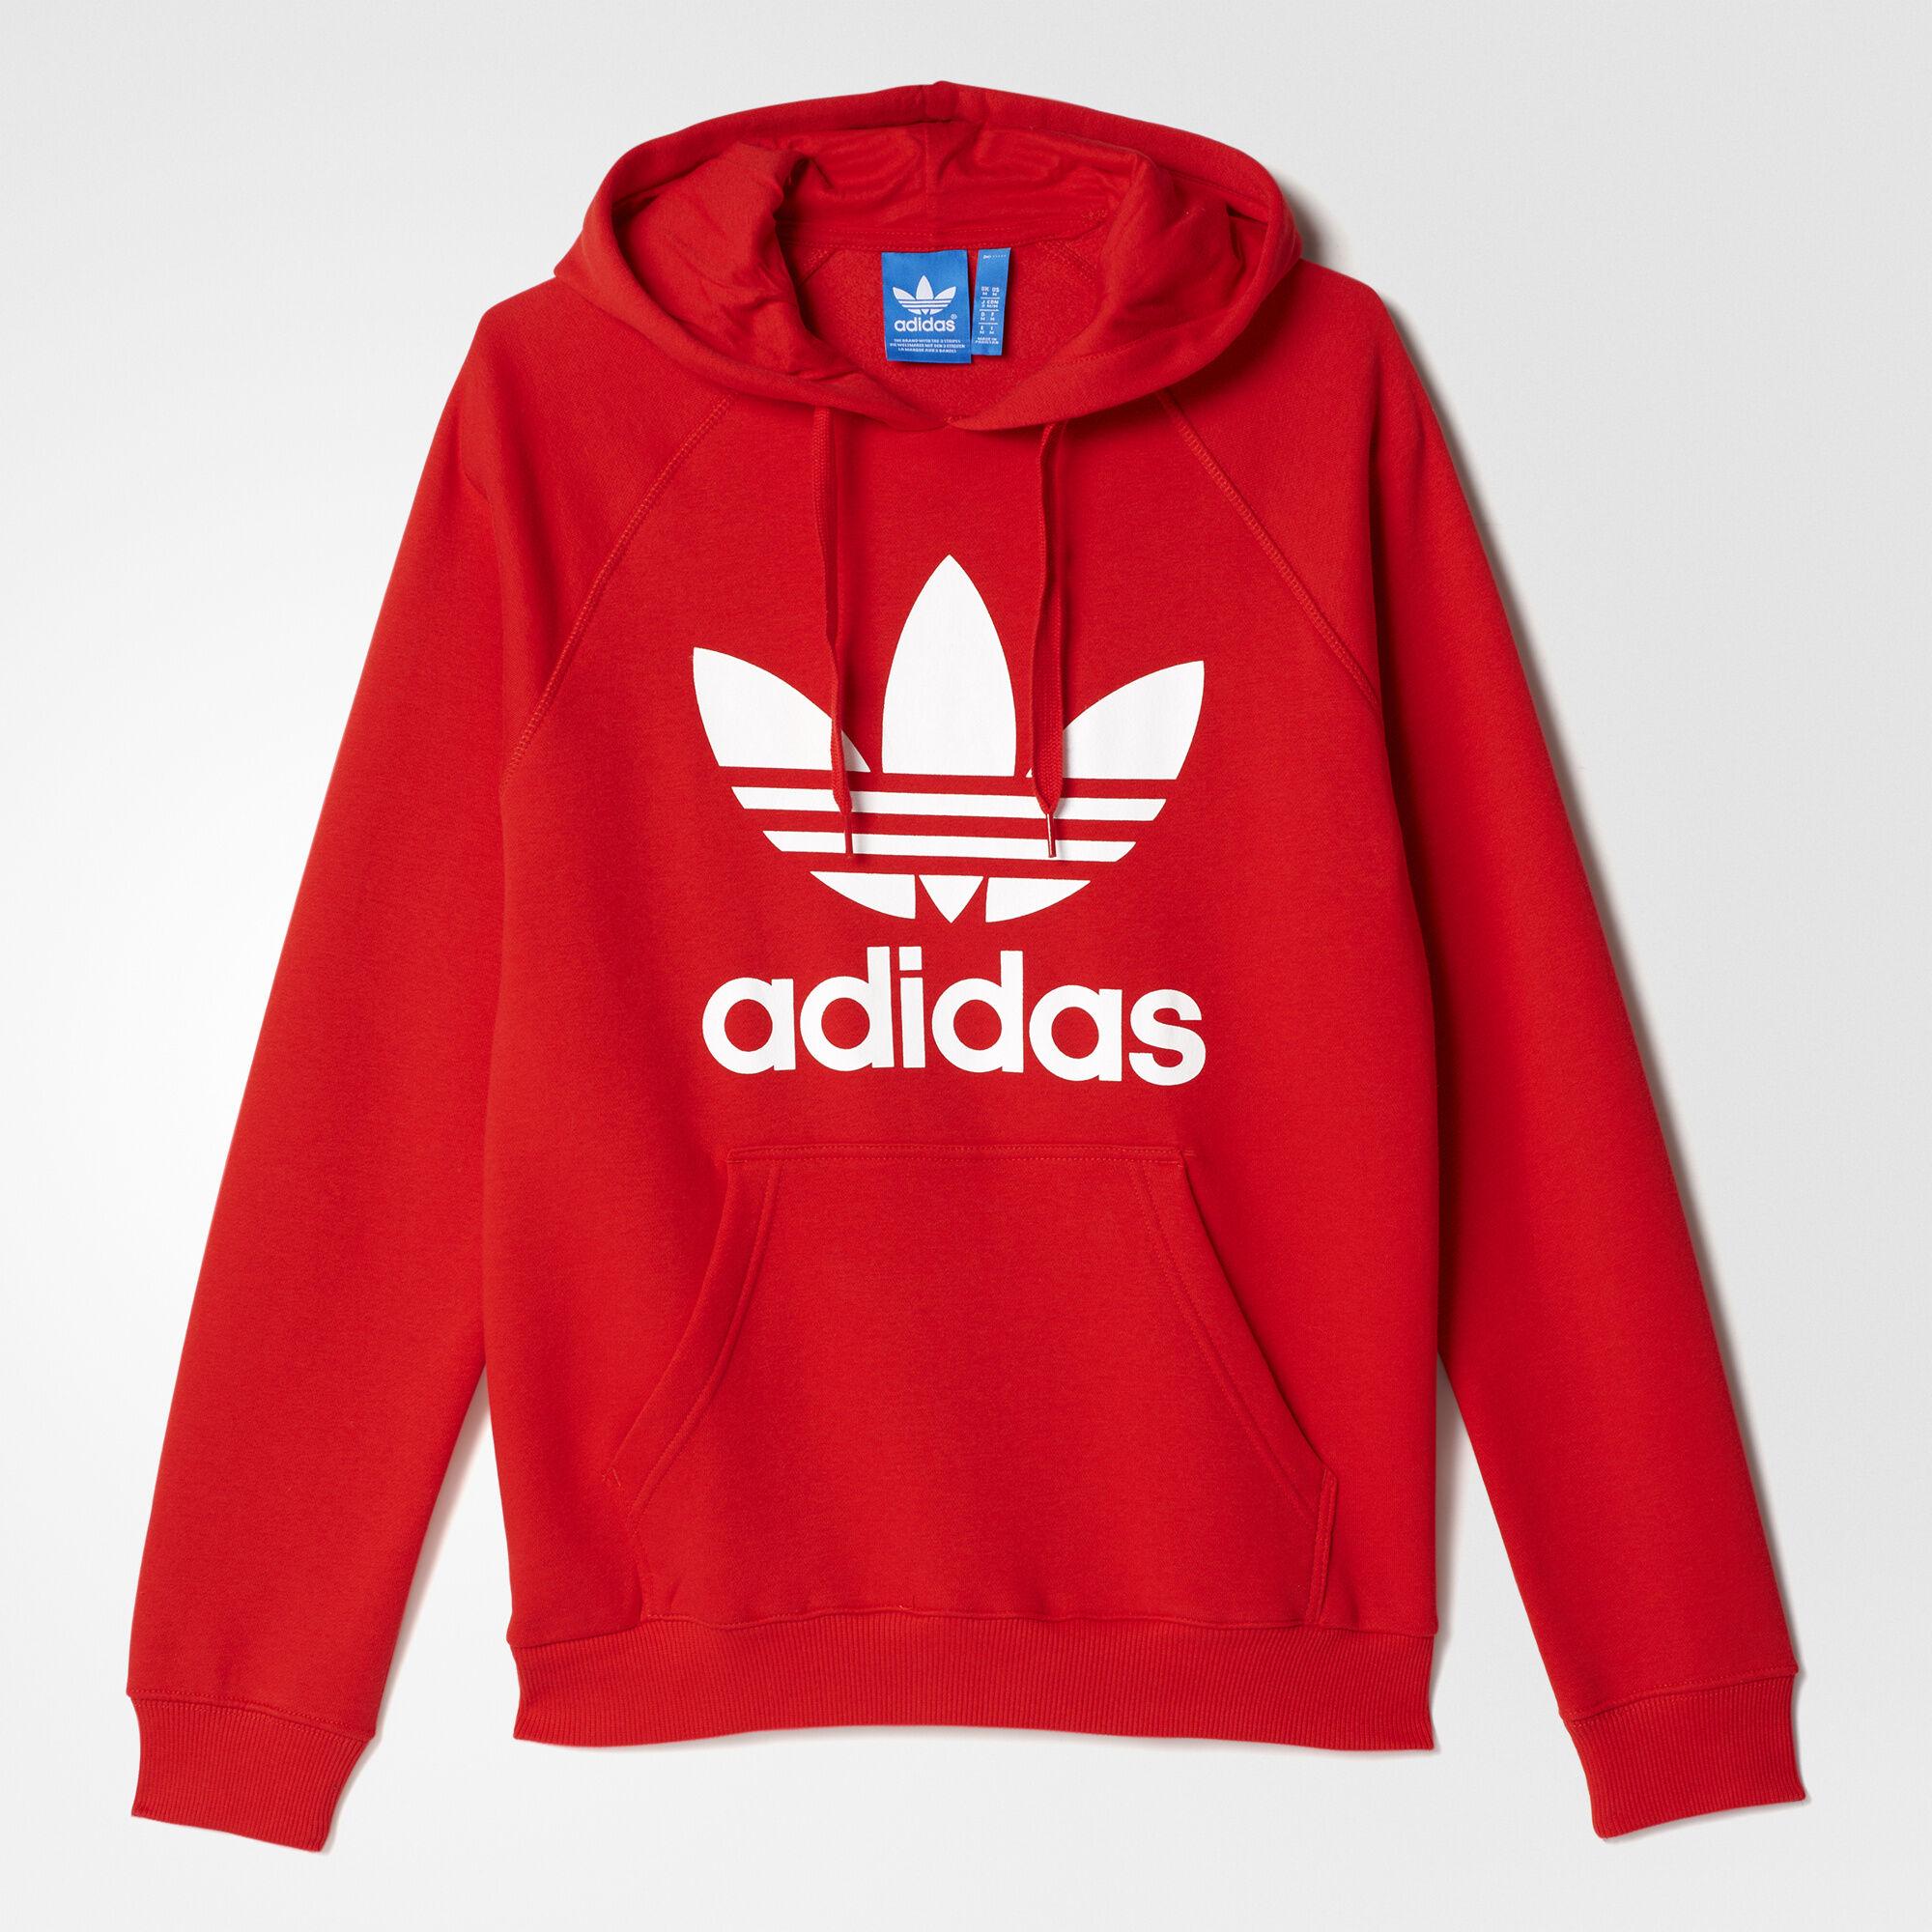 adidas hoodie red